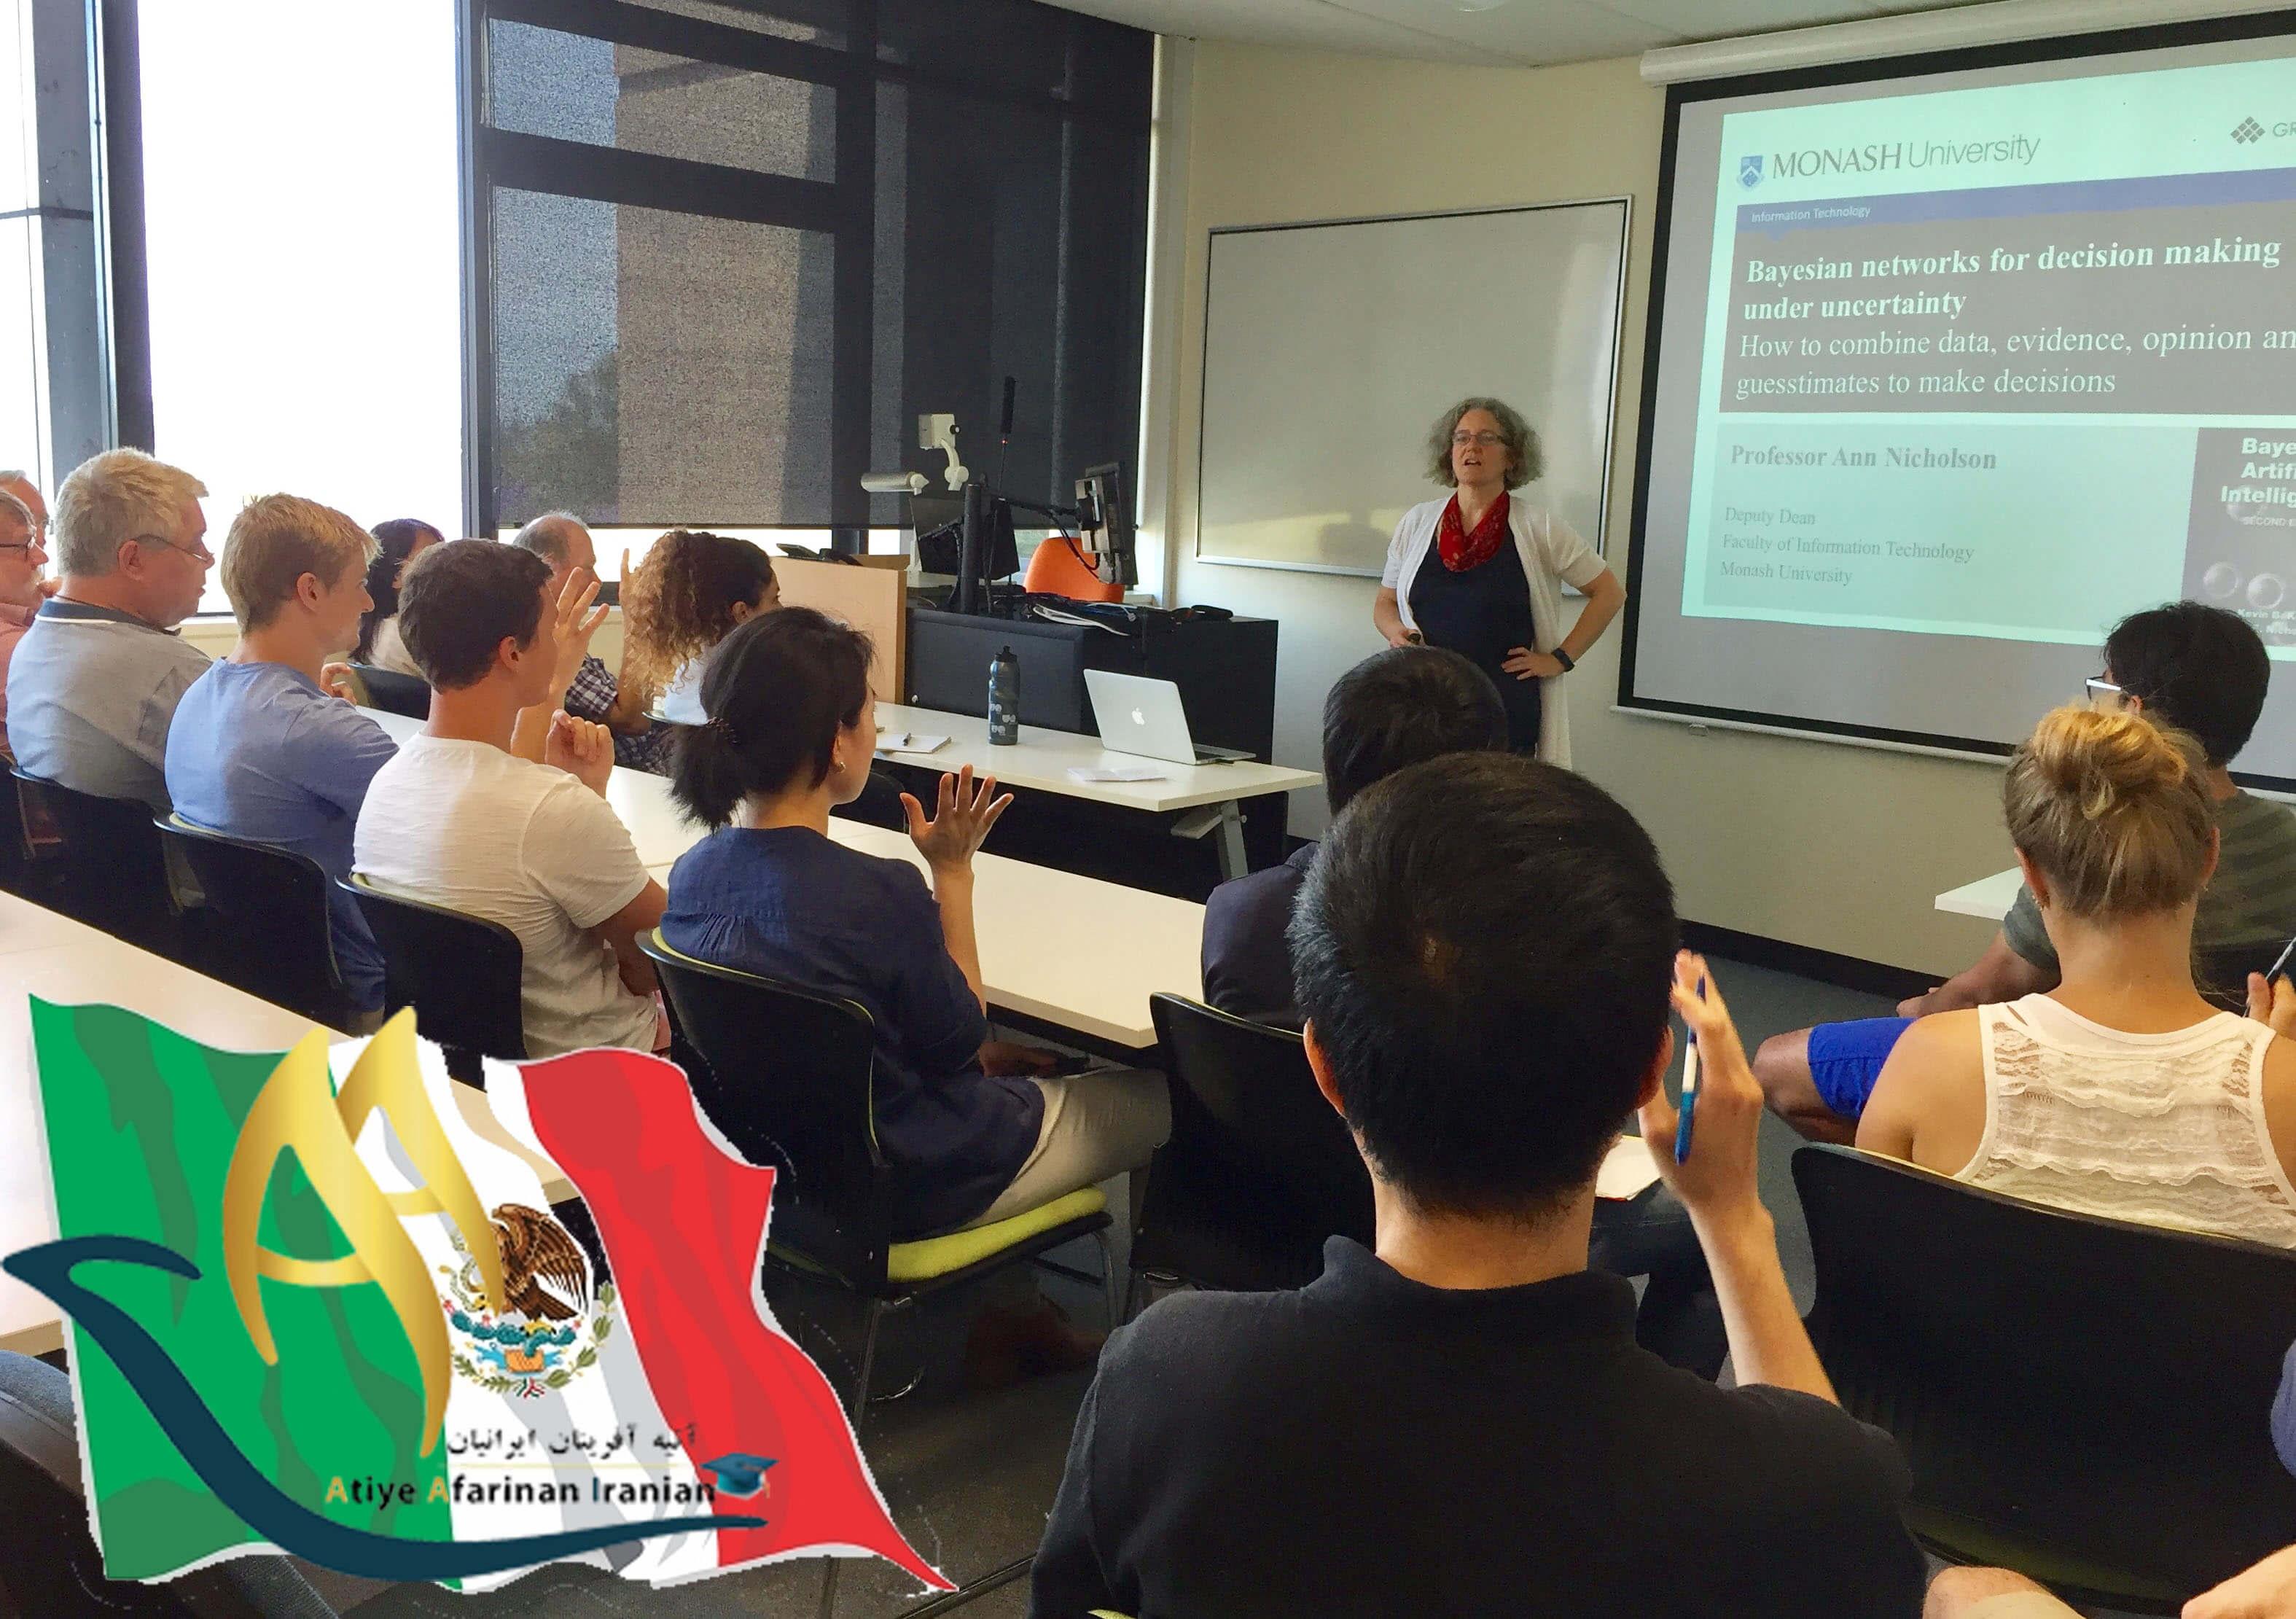 تحصیل دکتری در مکزیک